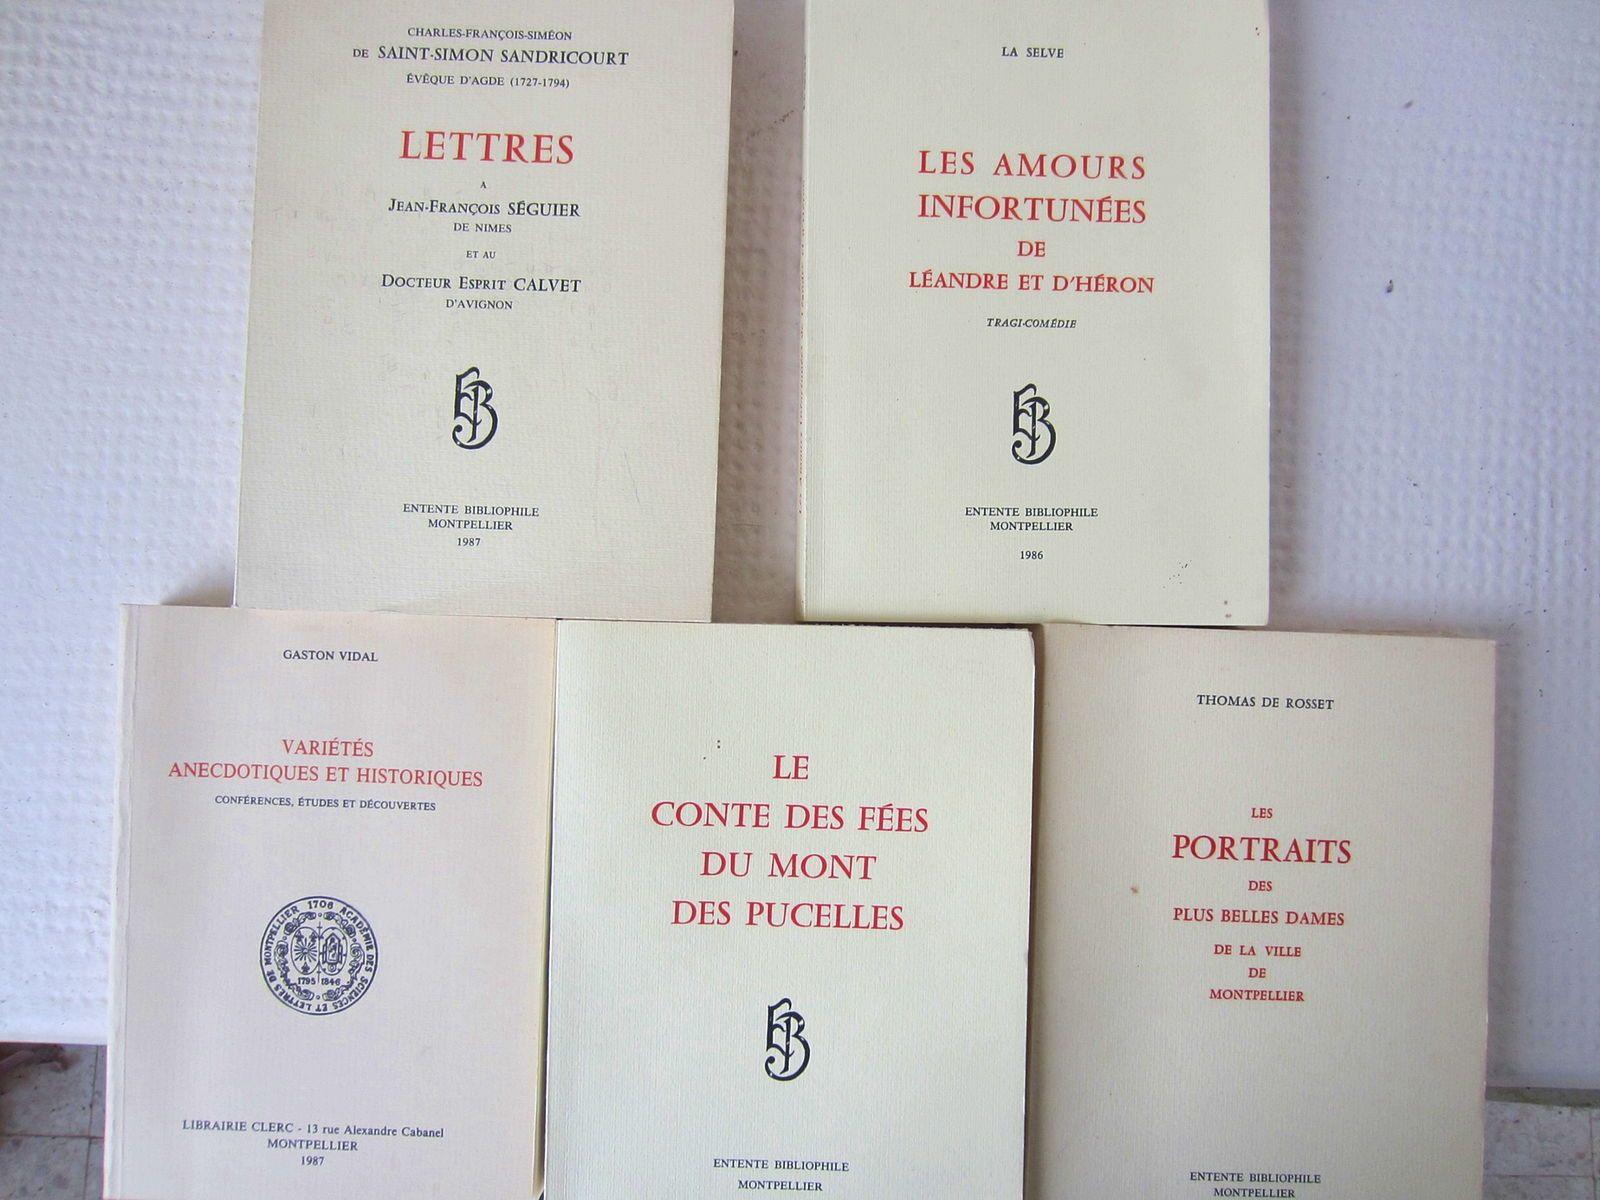 Le conte des fées du Mont des pucelles,et autres livres de bibliophile